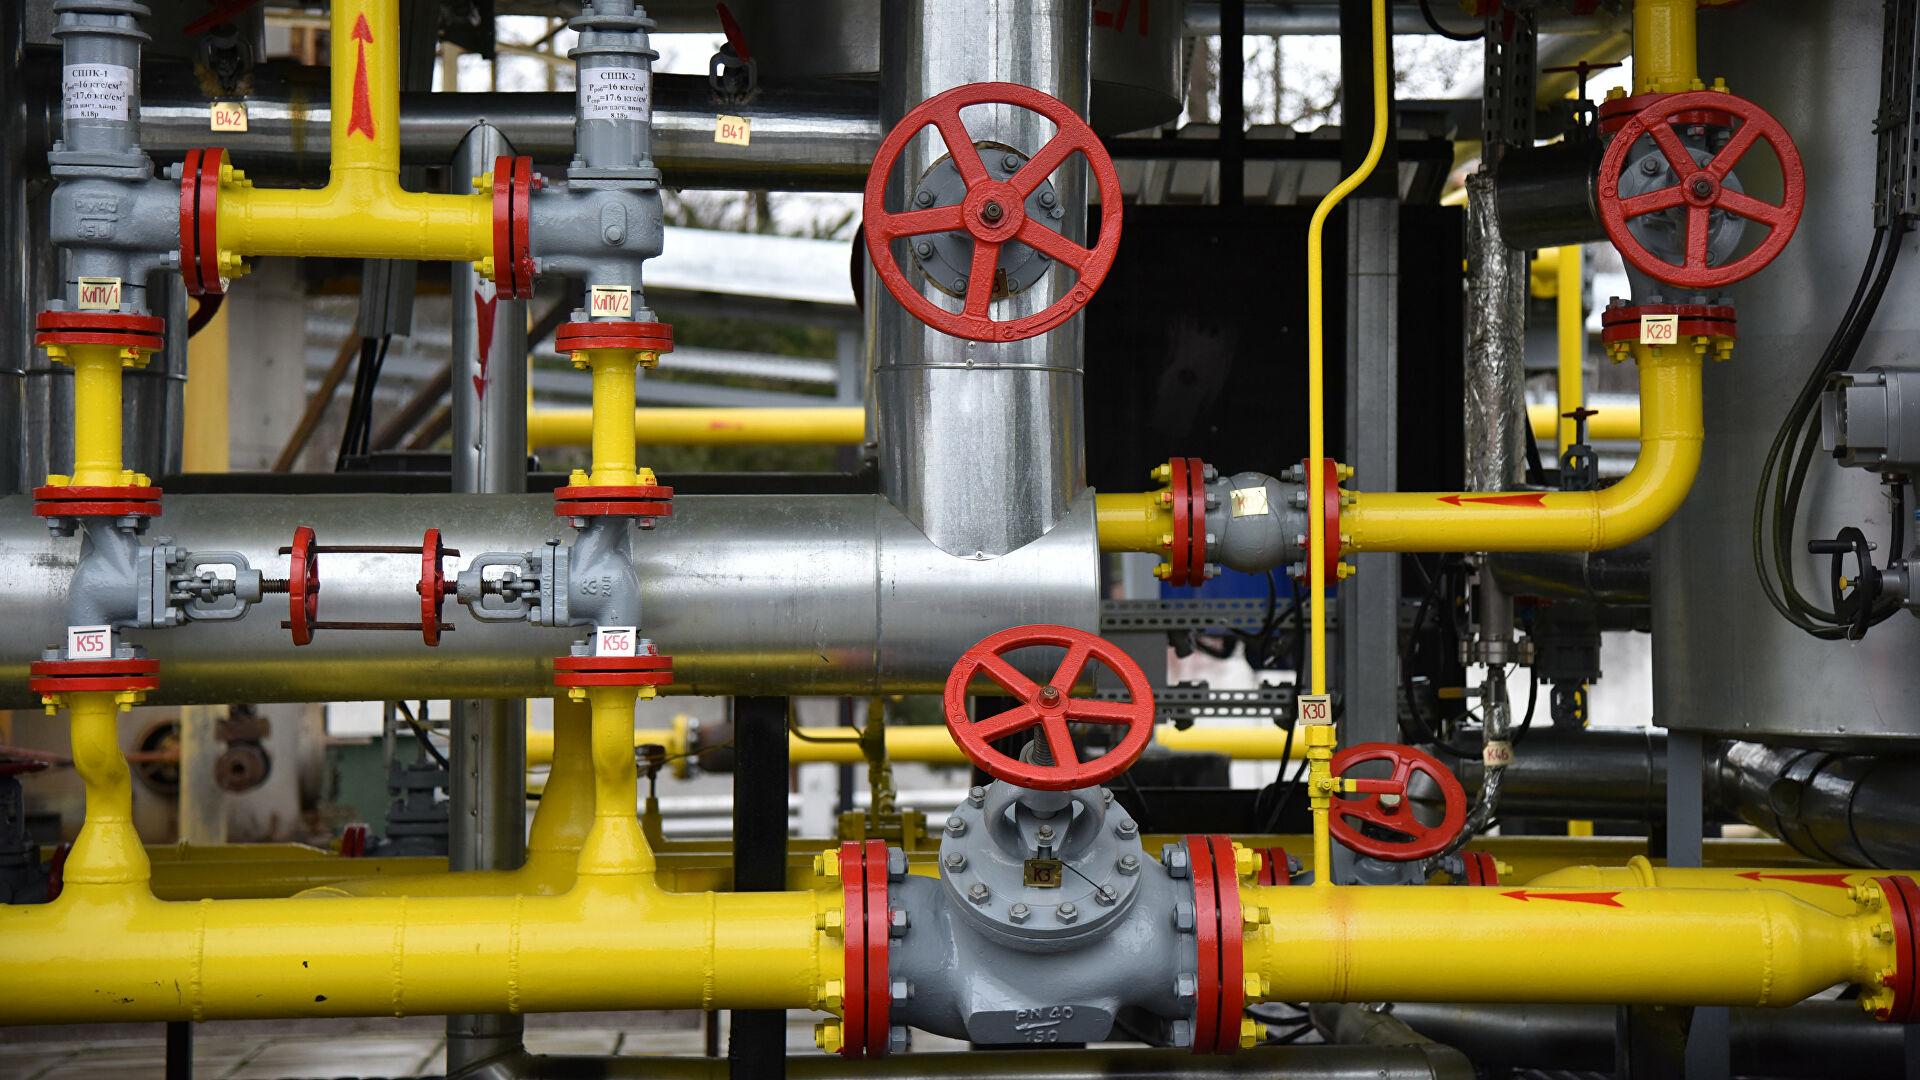 Москва: Енергија и природни ресурси никада нису коришћени као елемент притиска или уцене